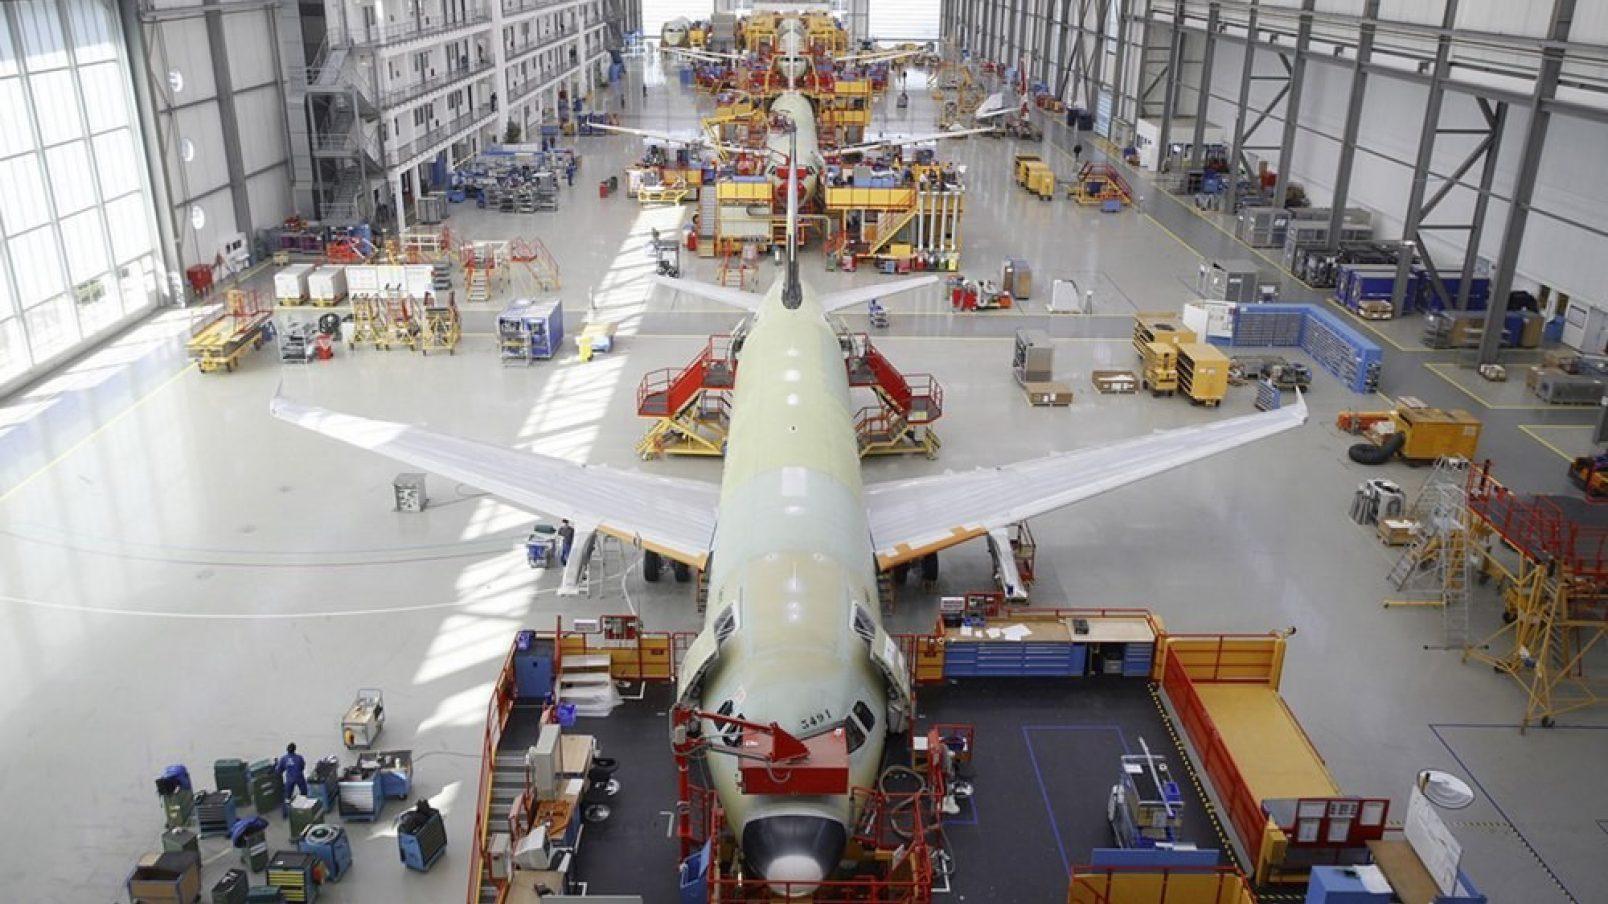 2-daagse reis naar Airbus  in Hamburg uitgesteld i.v.m. Corona